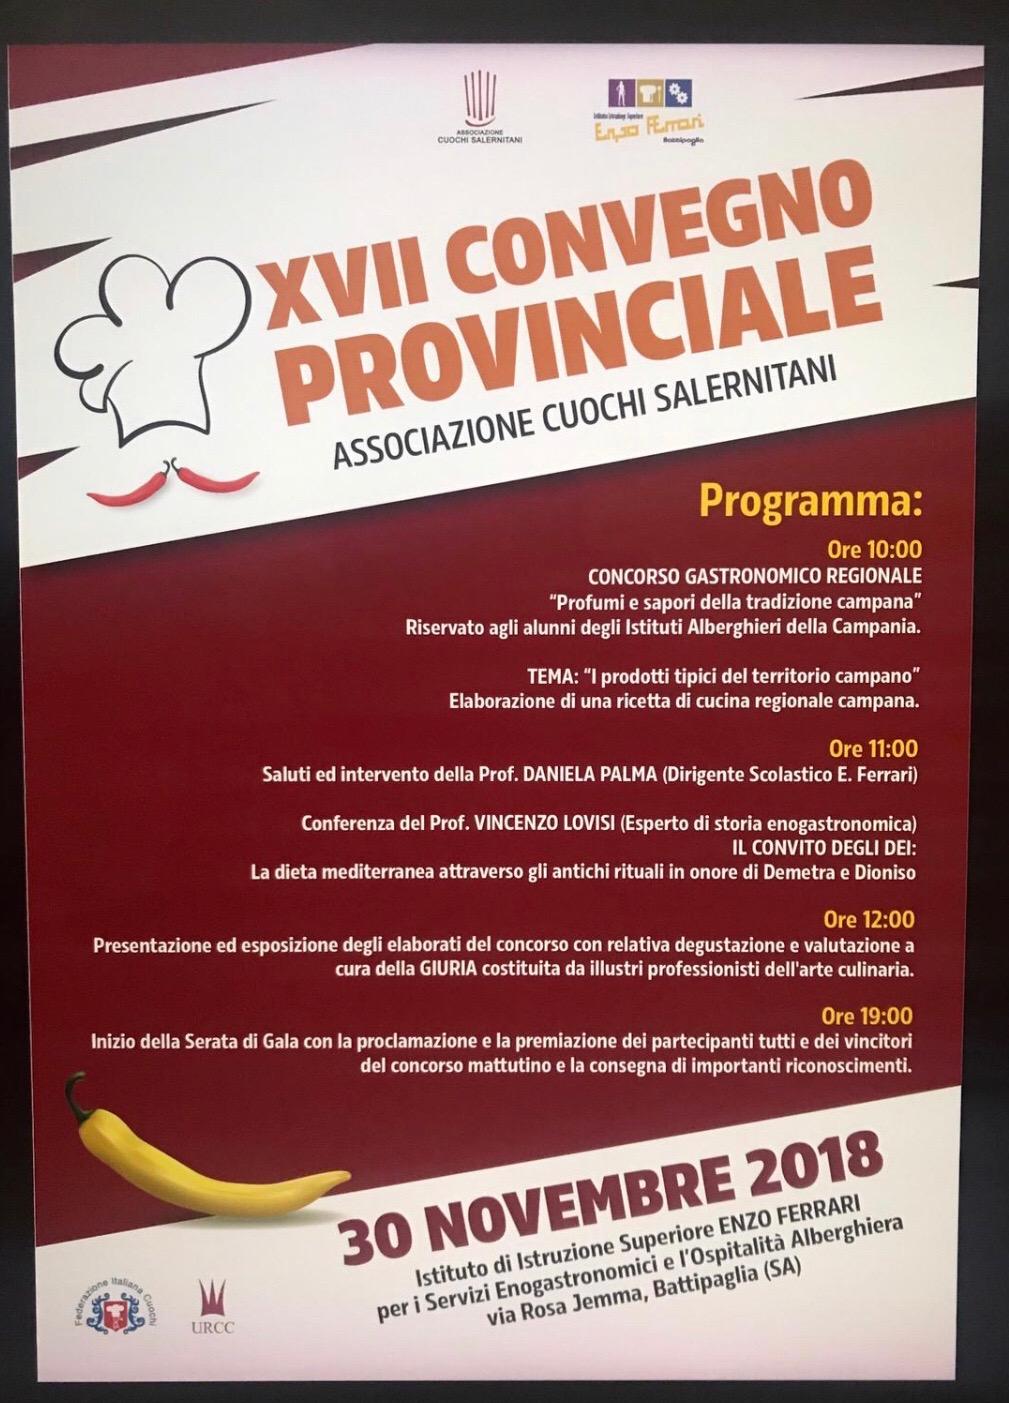 Battipaglia XVII Congresso provinciale cuochi salernitani